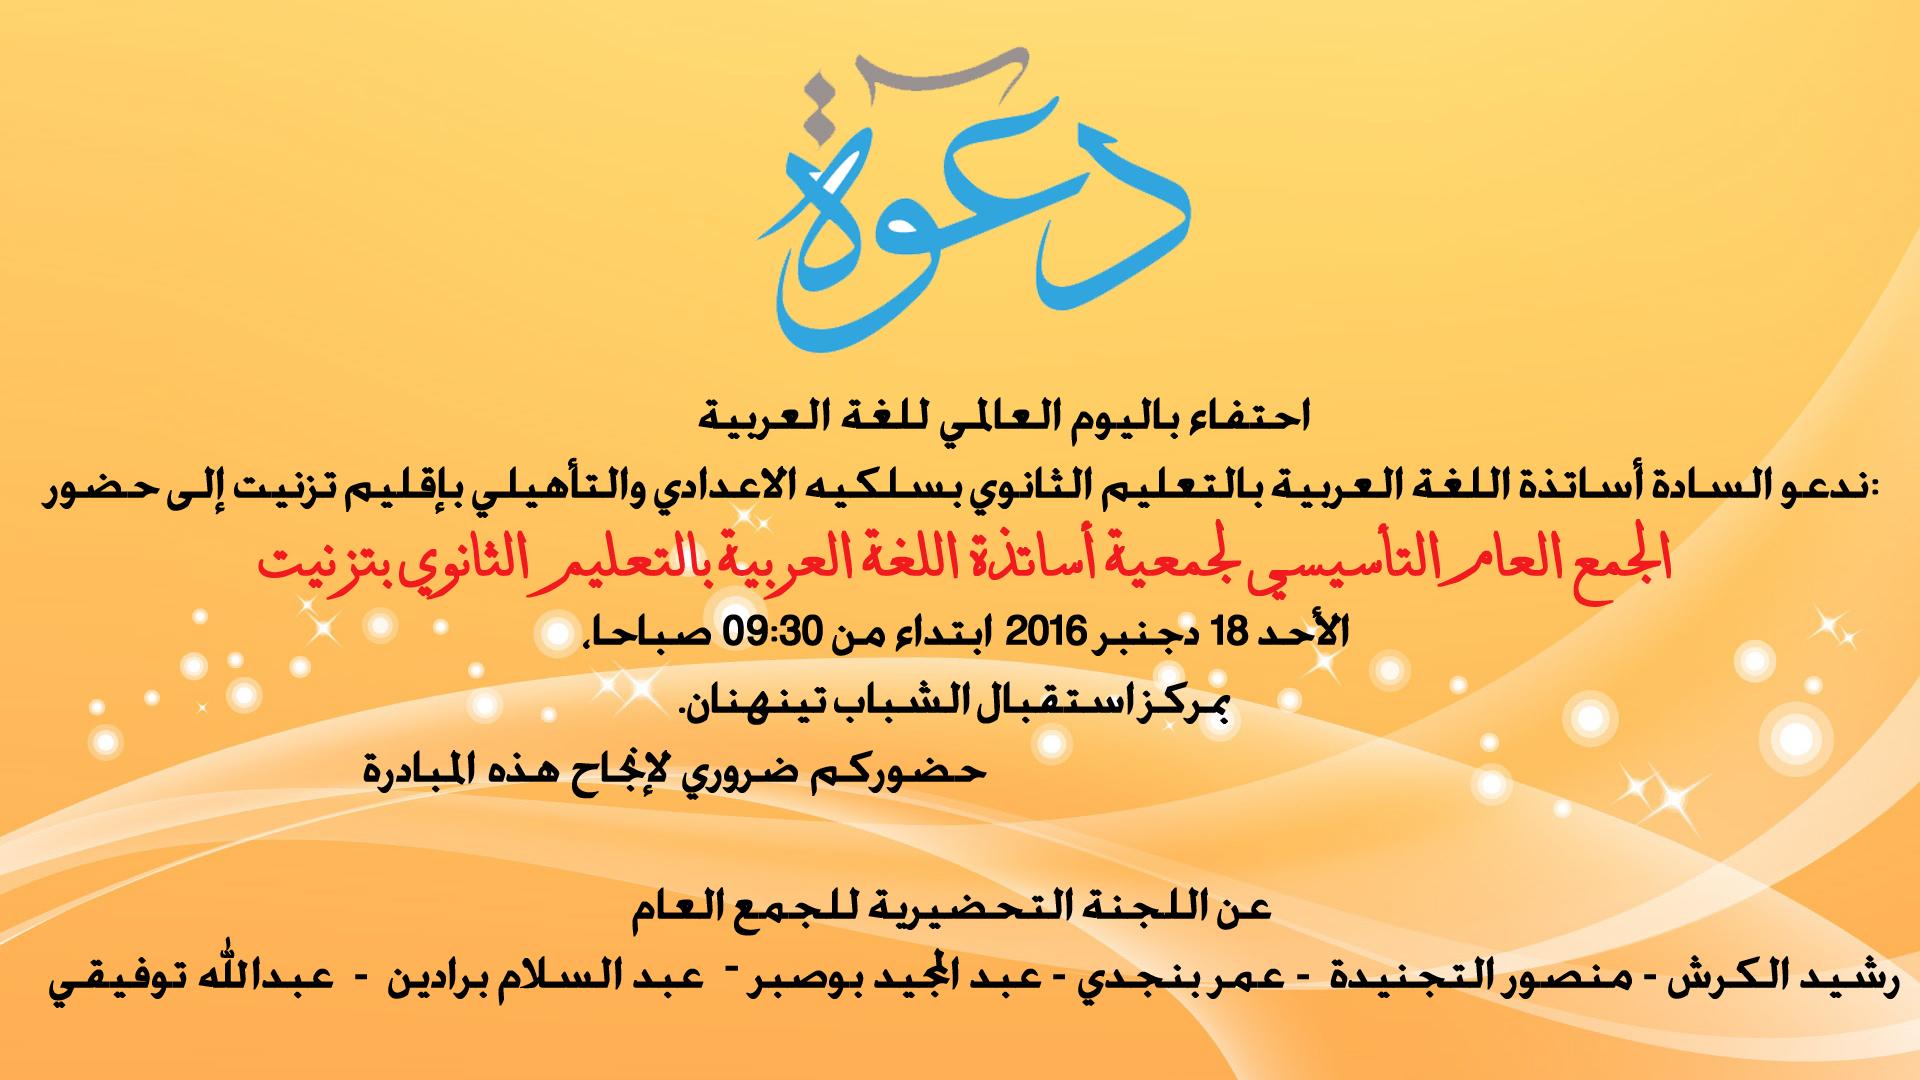 تأسيس فرع تيزنيت لجمعية أساتذة اللغة العربية يوم الأحد القادم